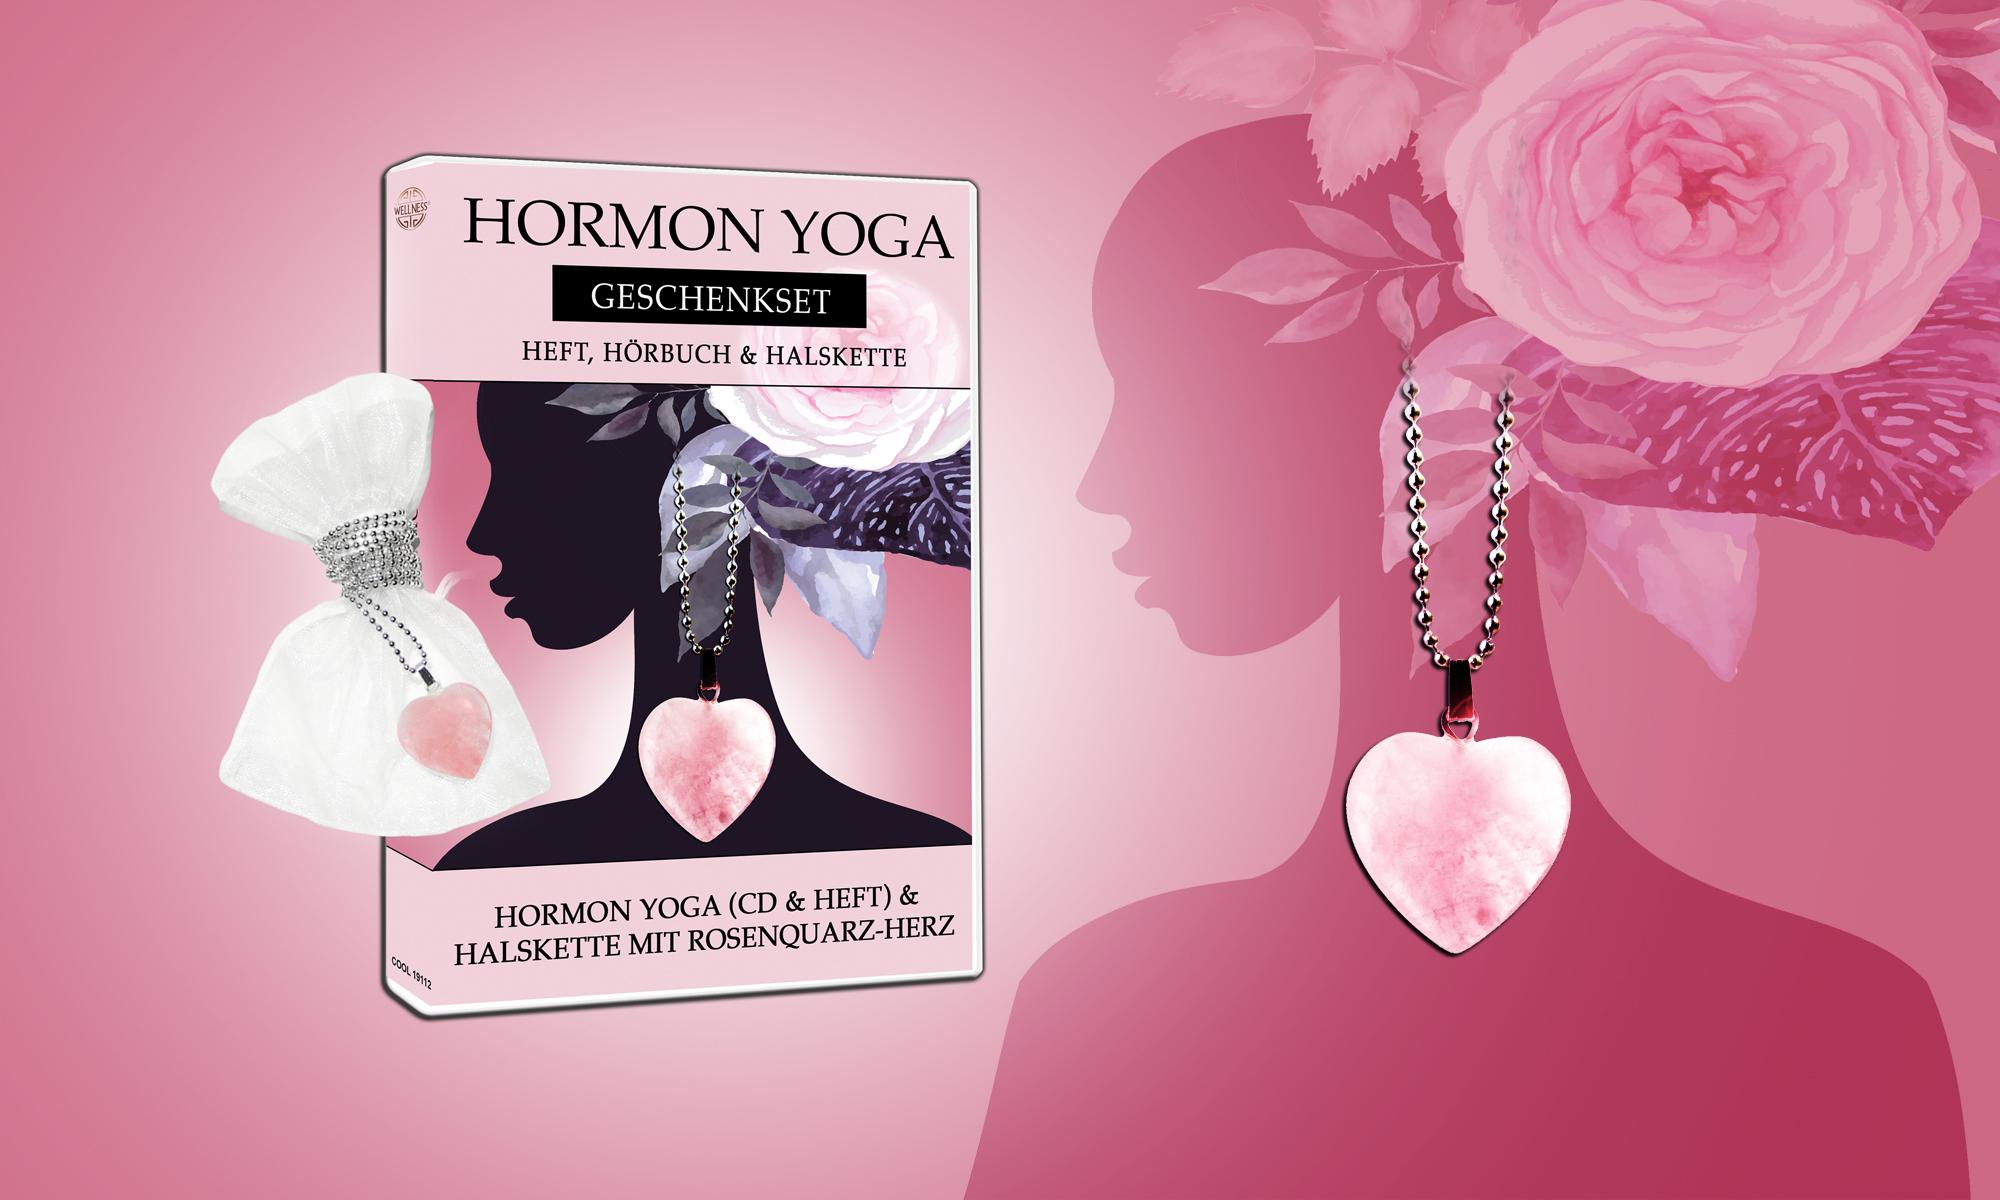 Hormon Yoga Geschenkset